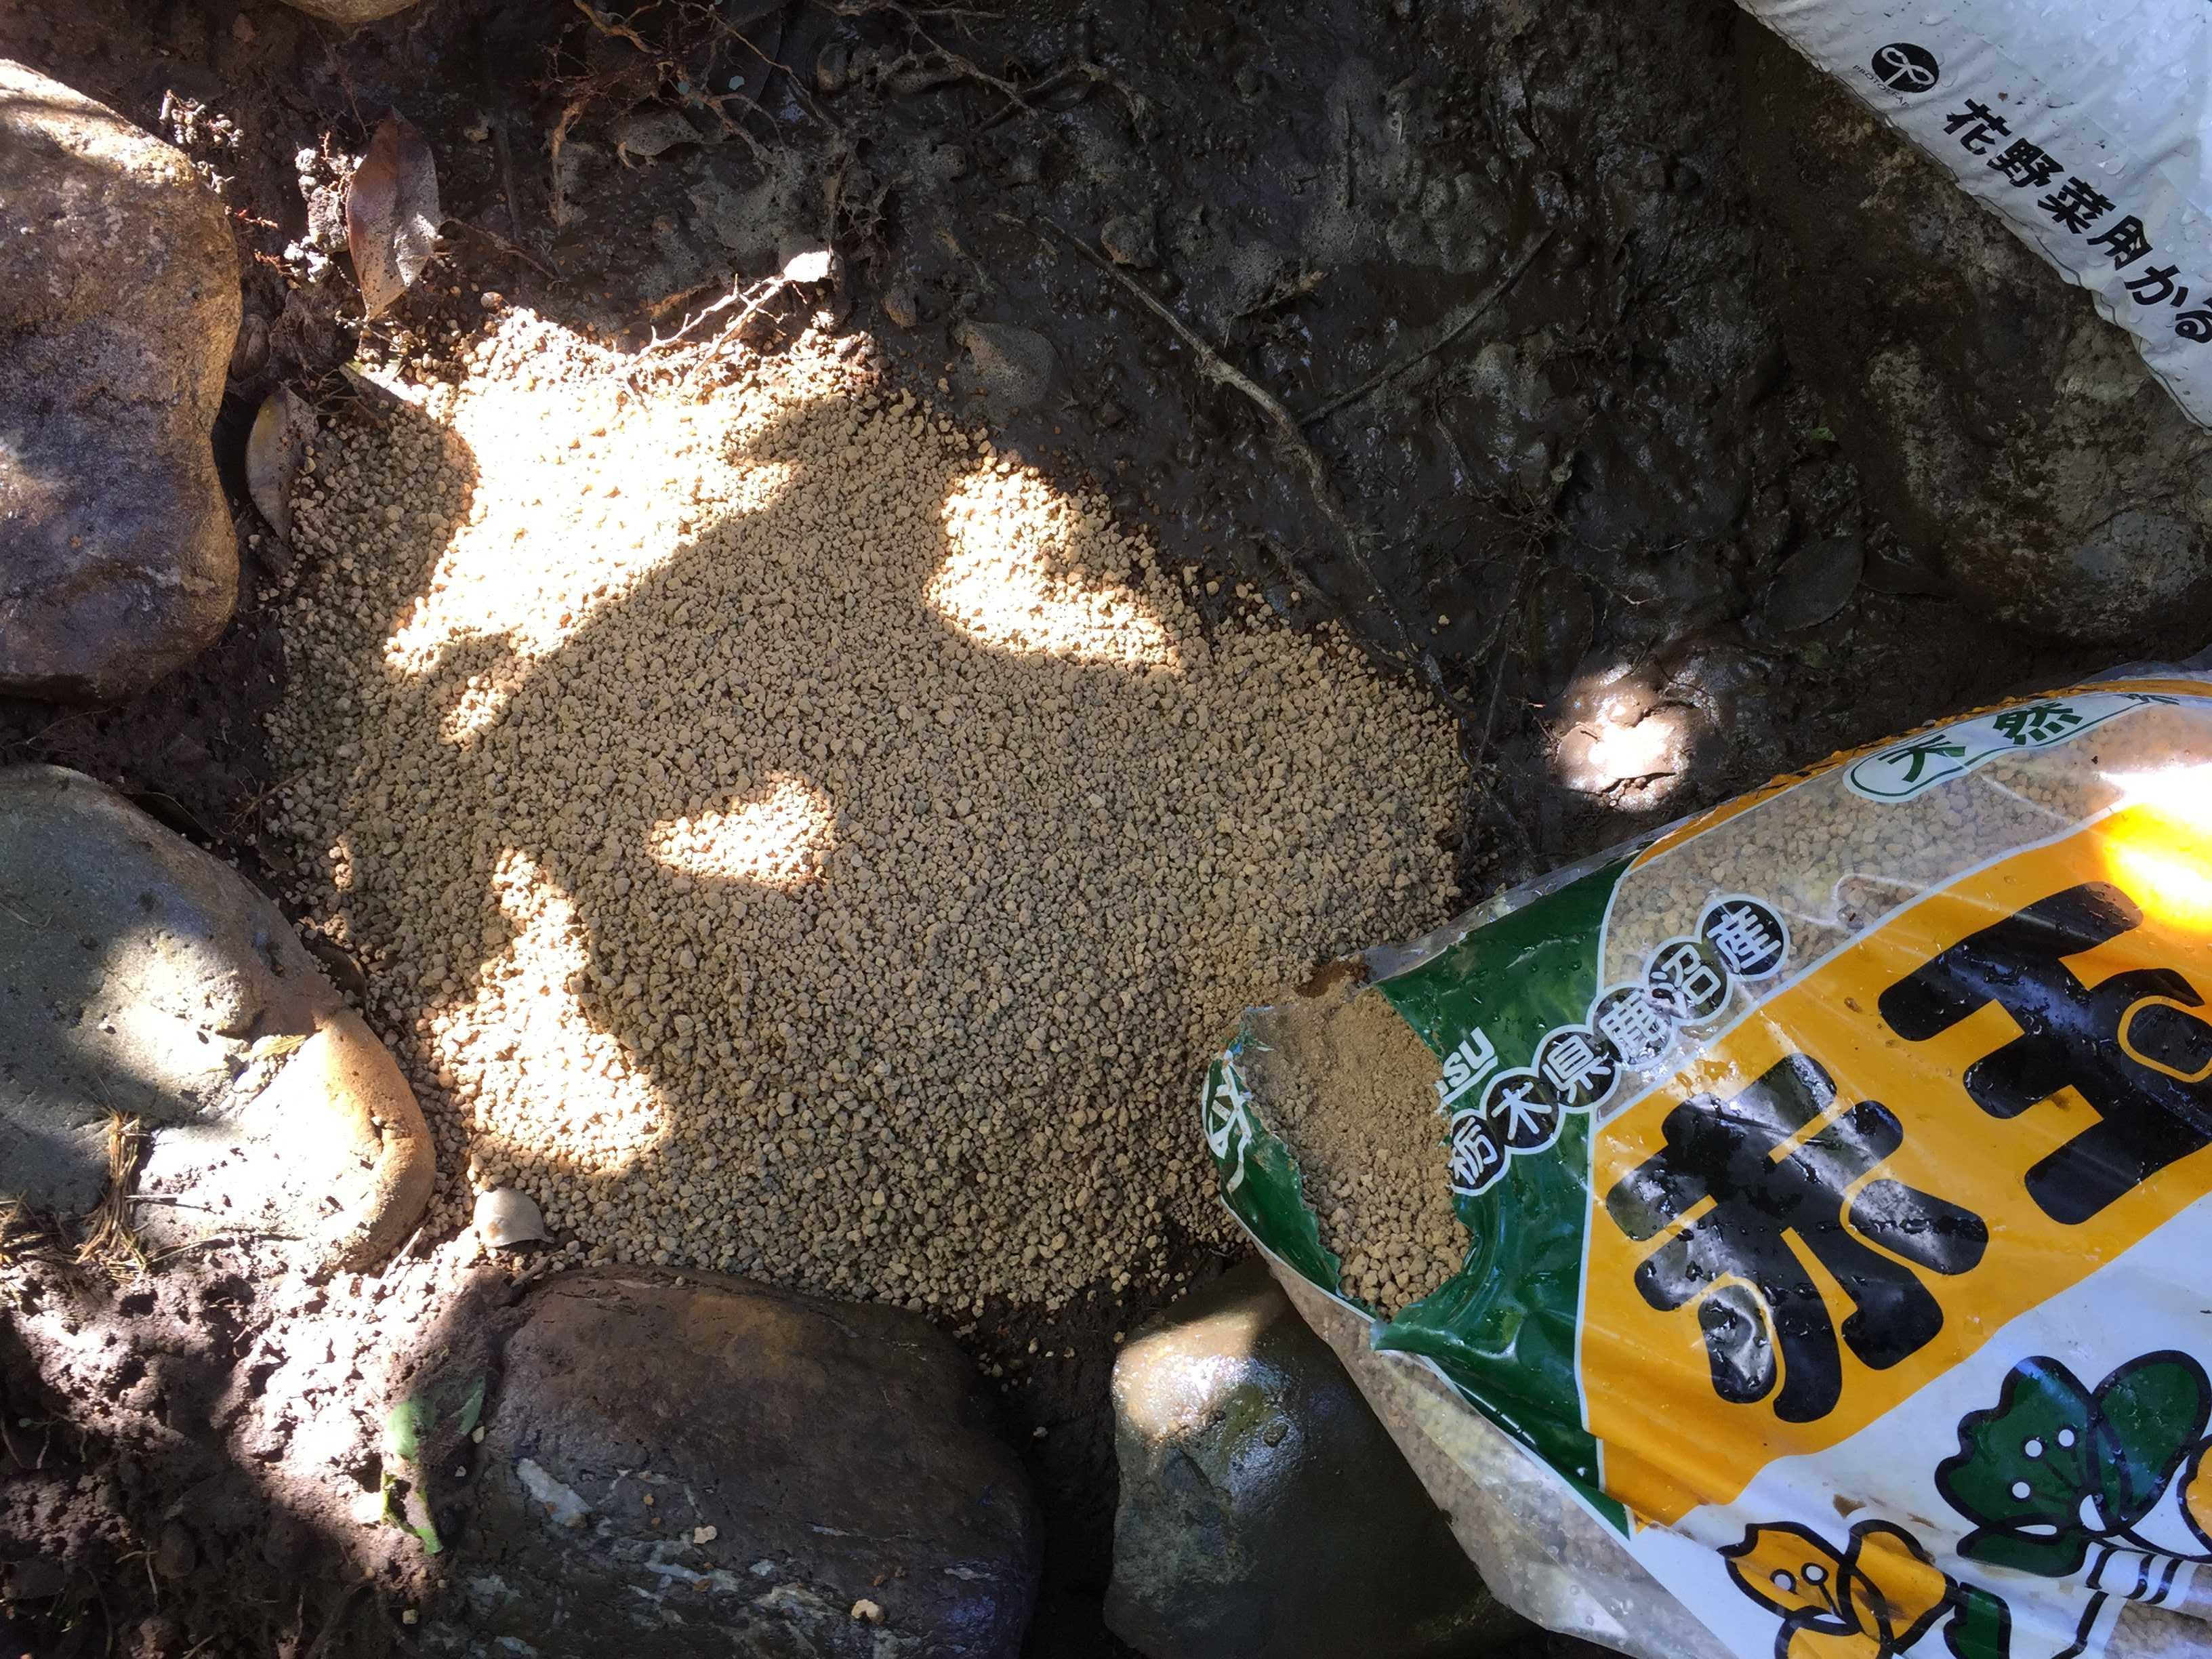 ヤマユリ庭植え - 赤玉土(小粒)